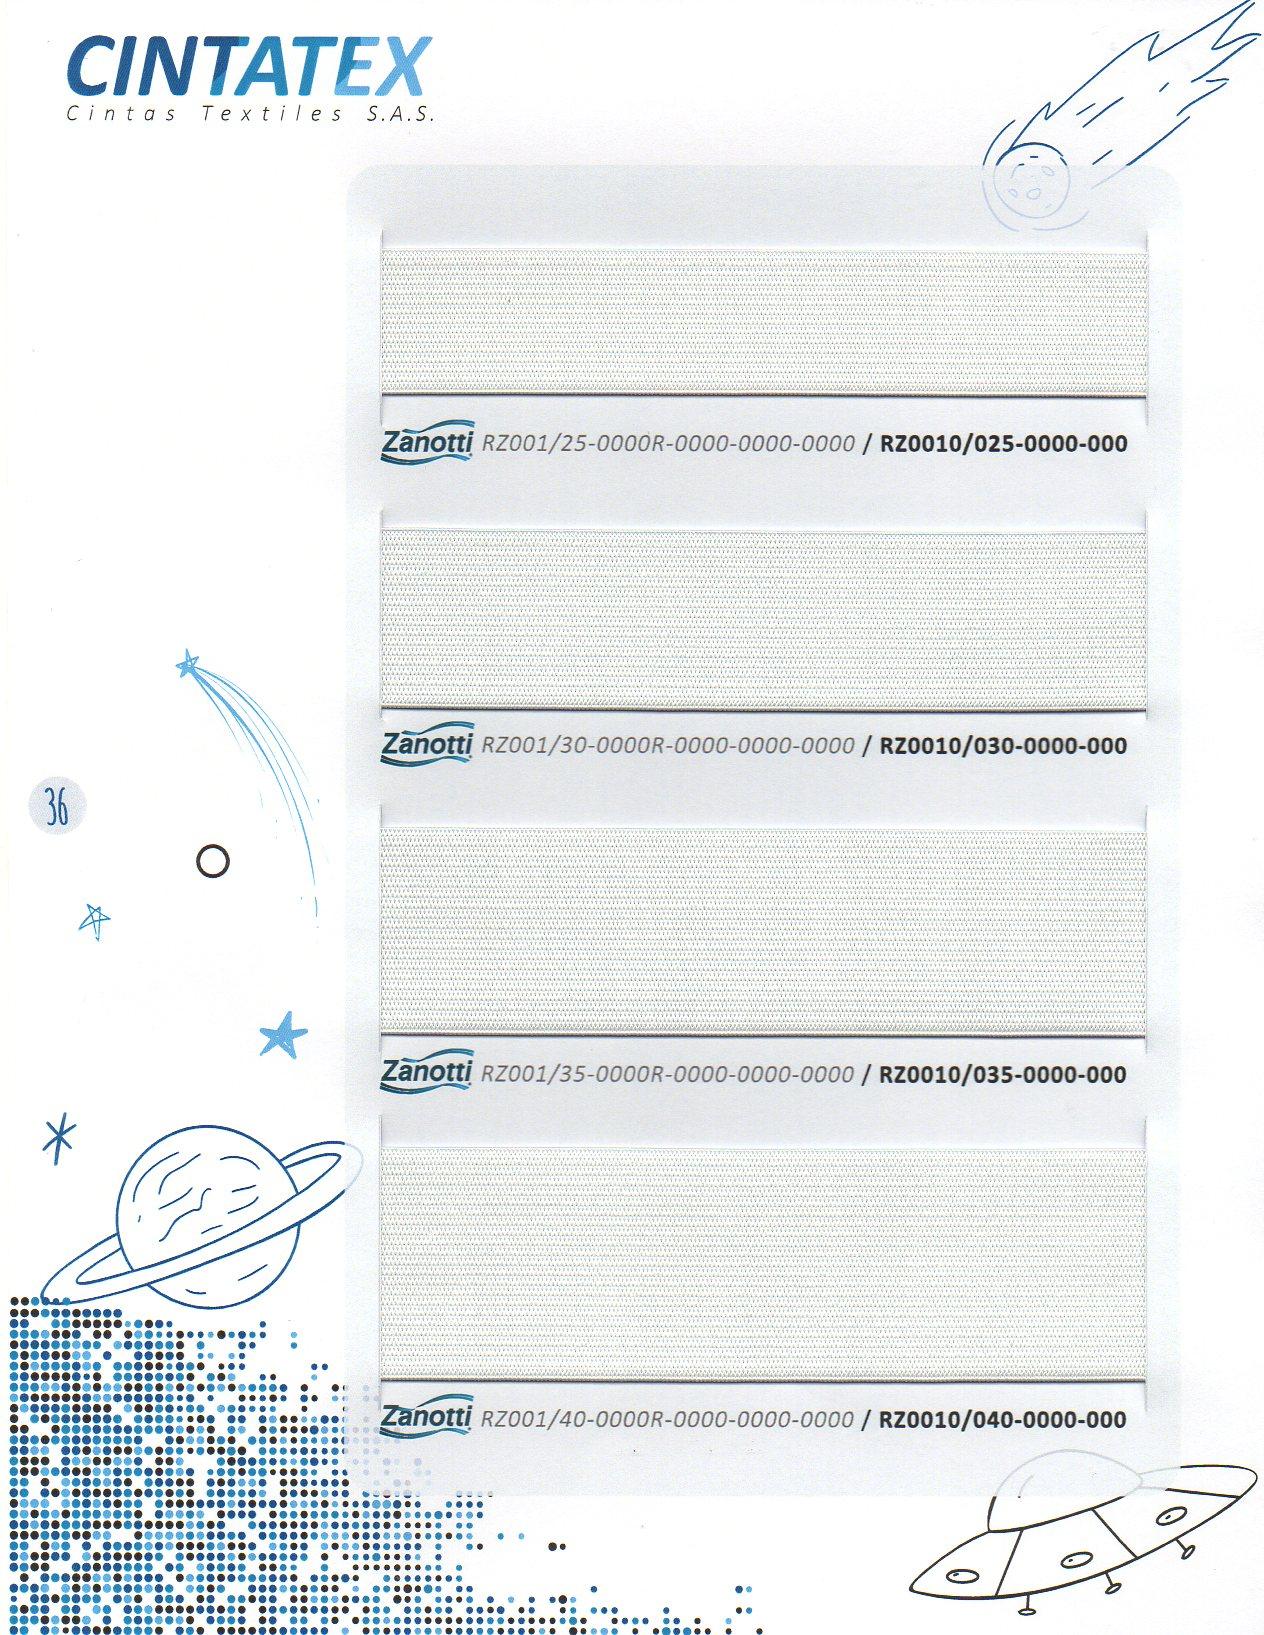 Catalogo_2019038